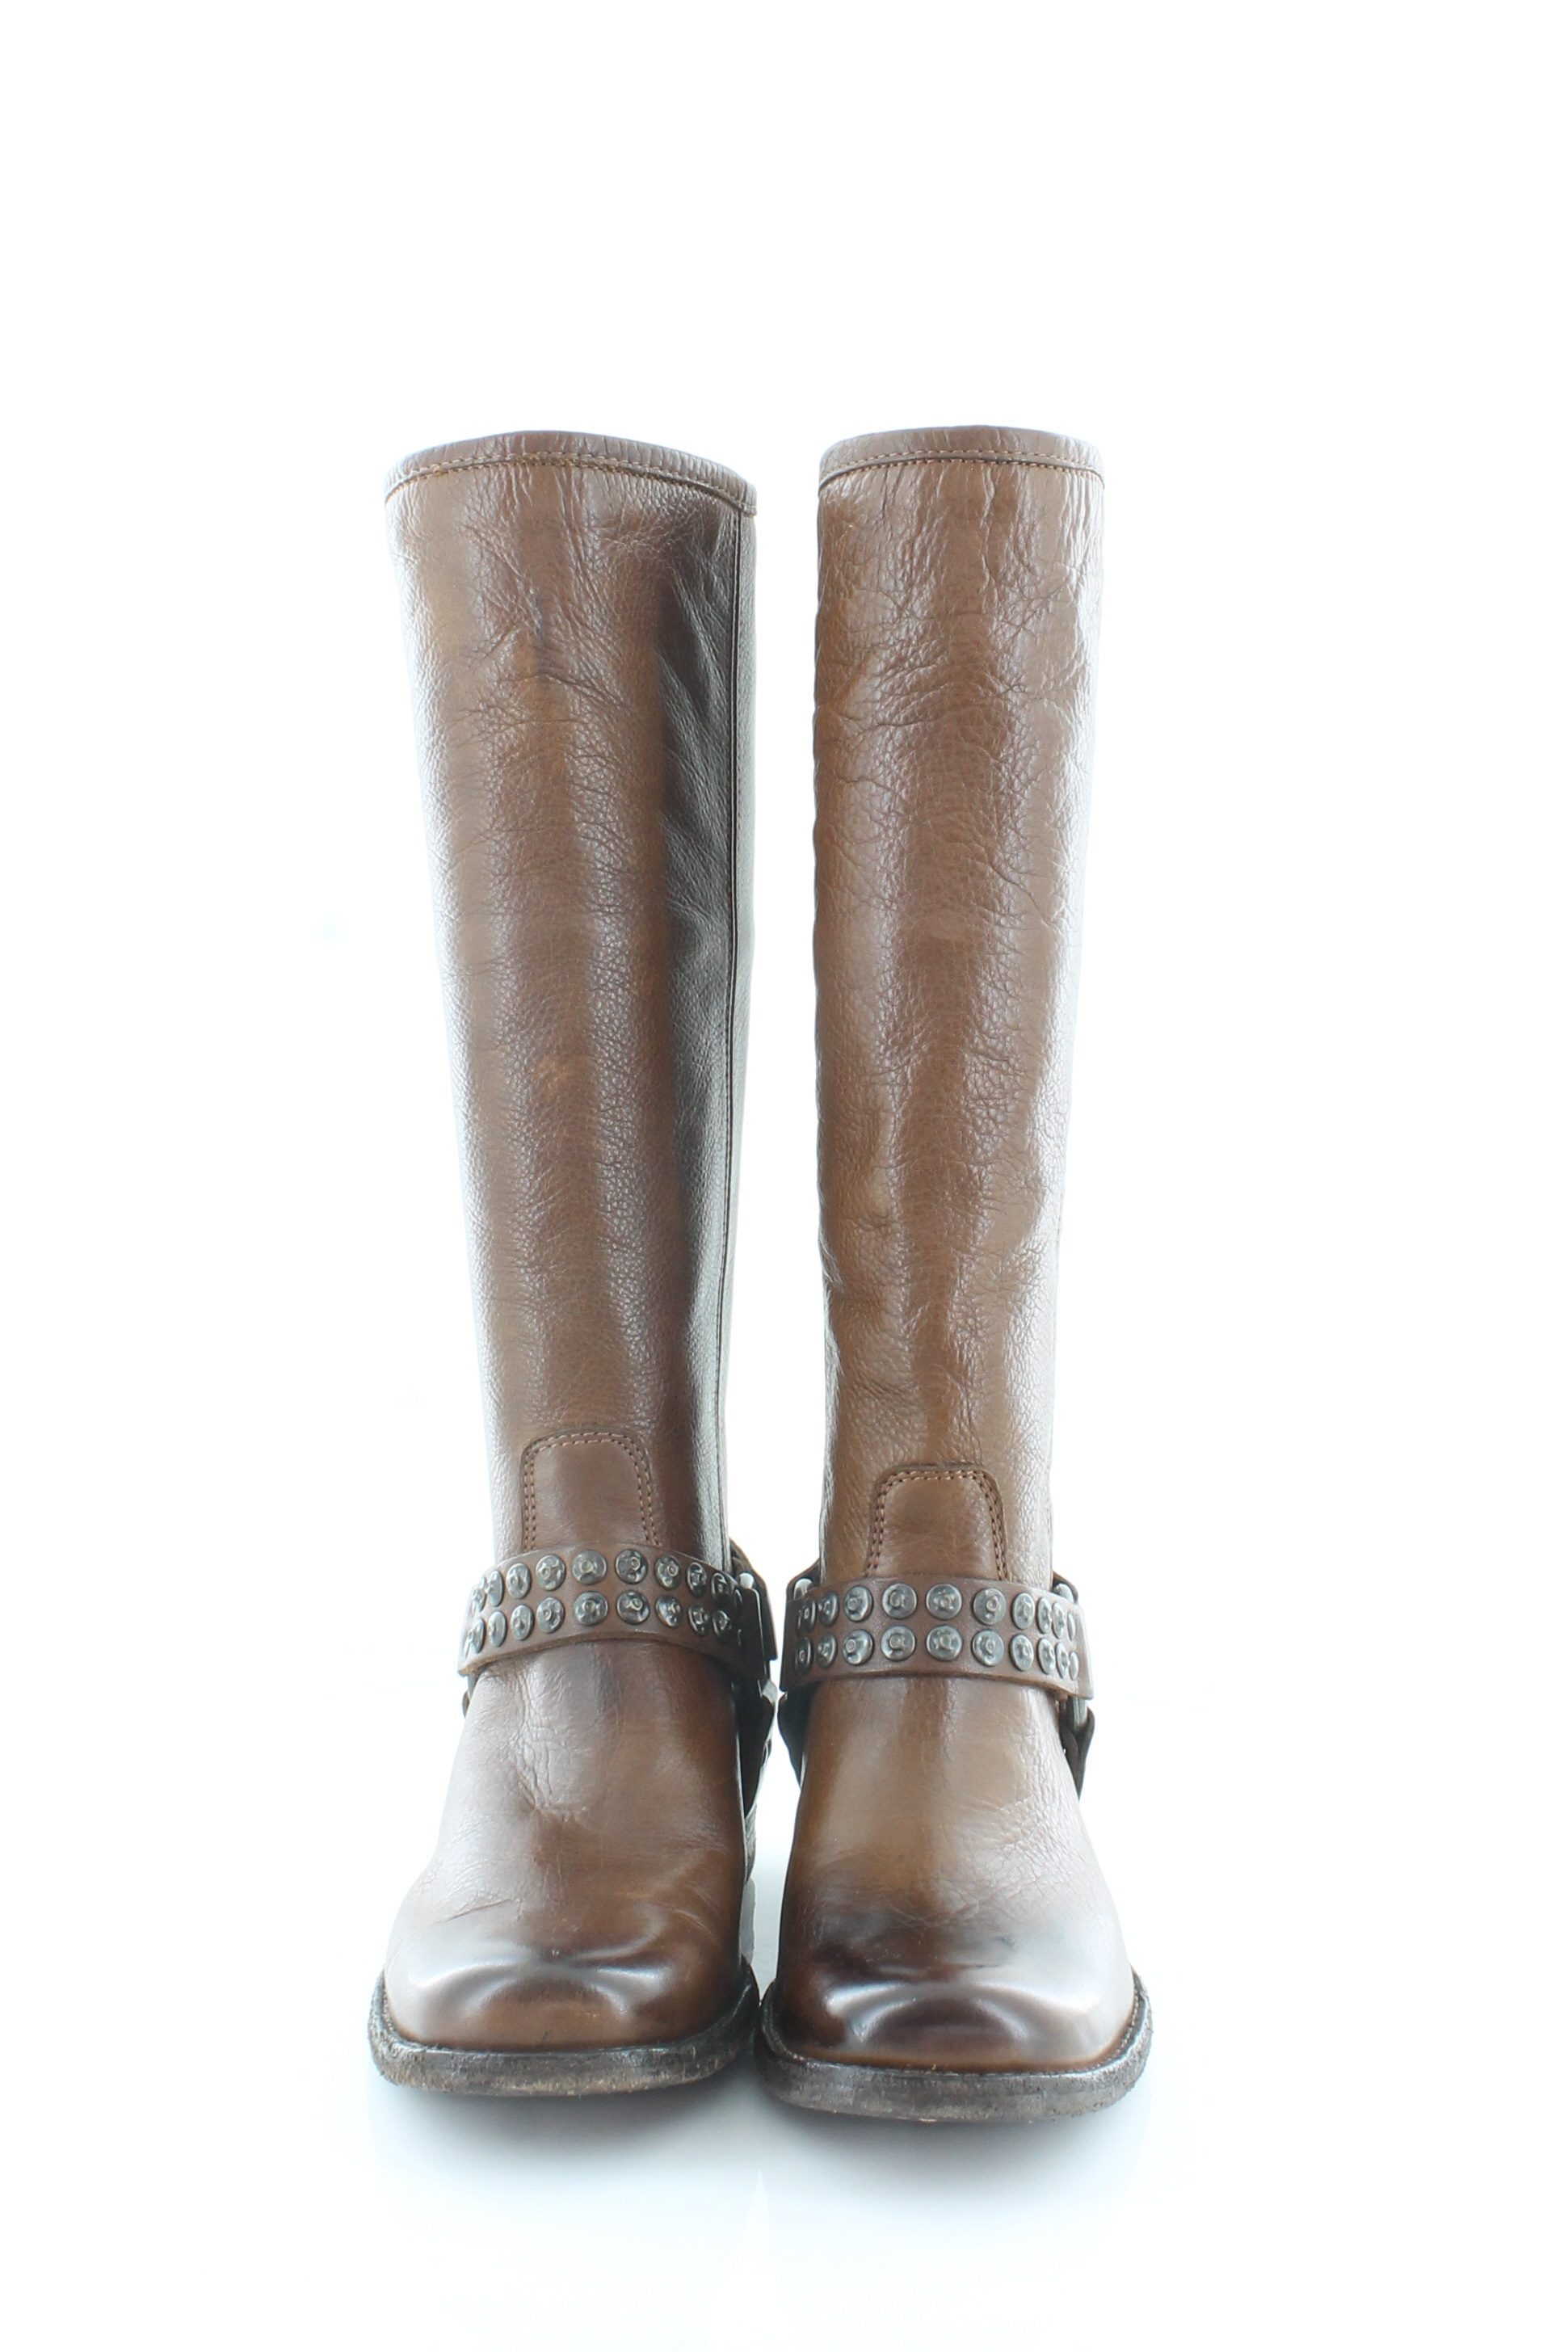 Frye Phillip Women's Boots Cognac Size 6 M